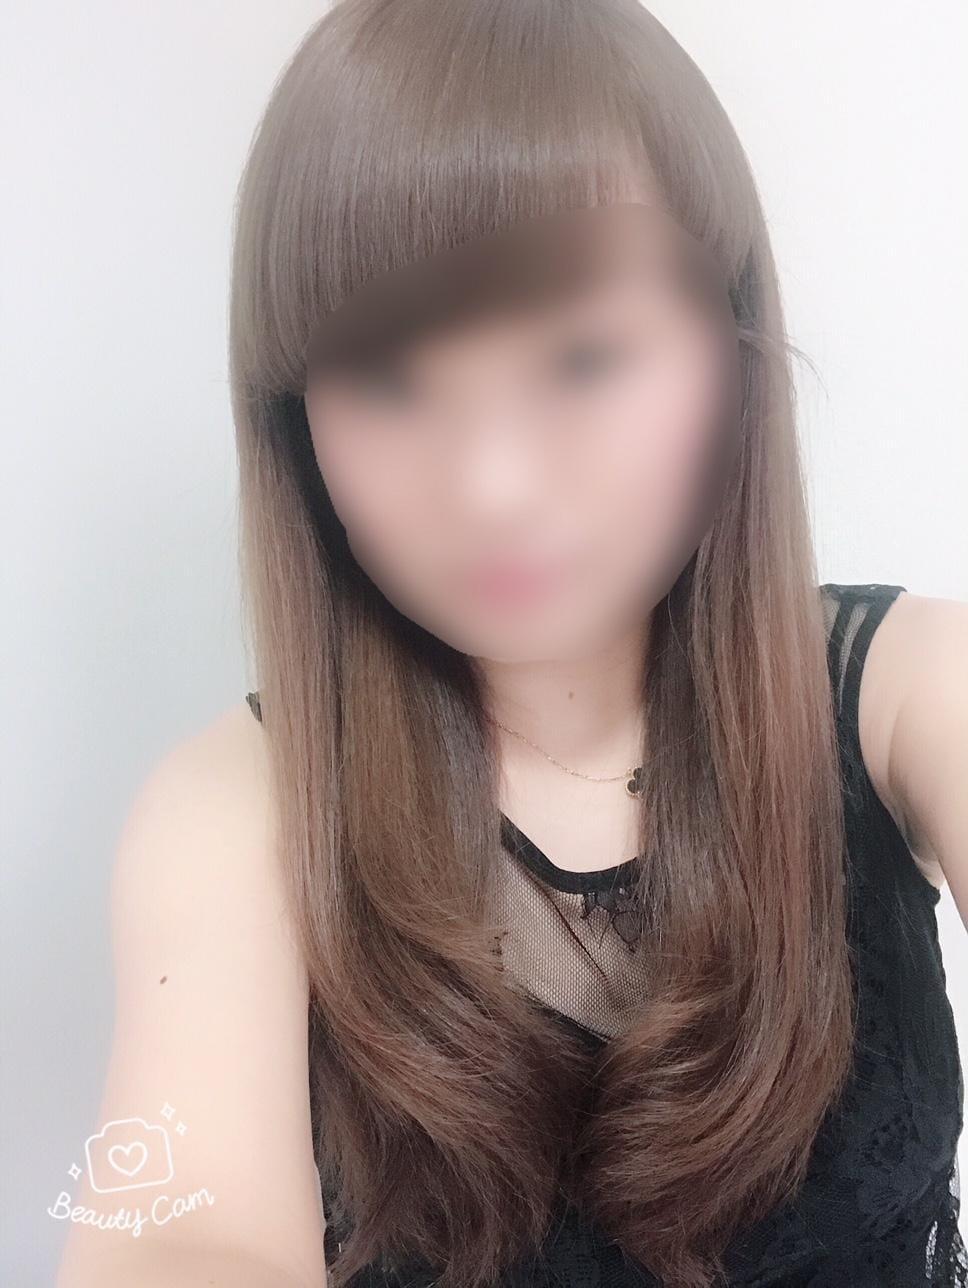 「昨日ラストの…」11/04(11/04) 14:05 | あゆなの写メ・風俗動画